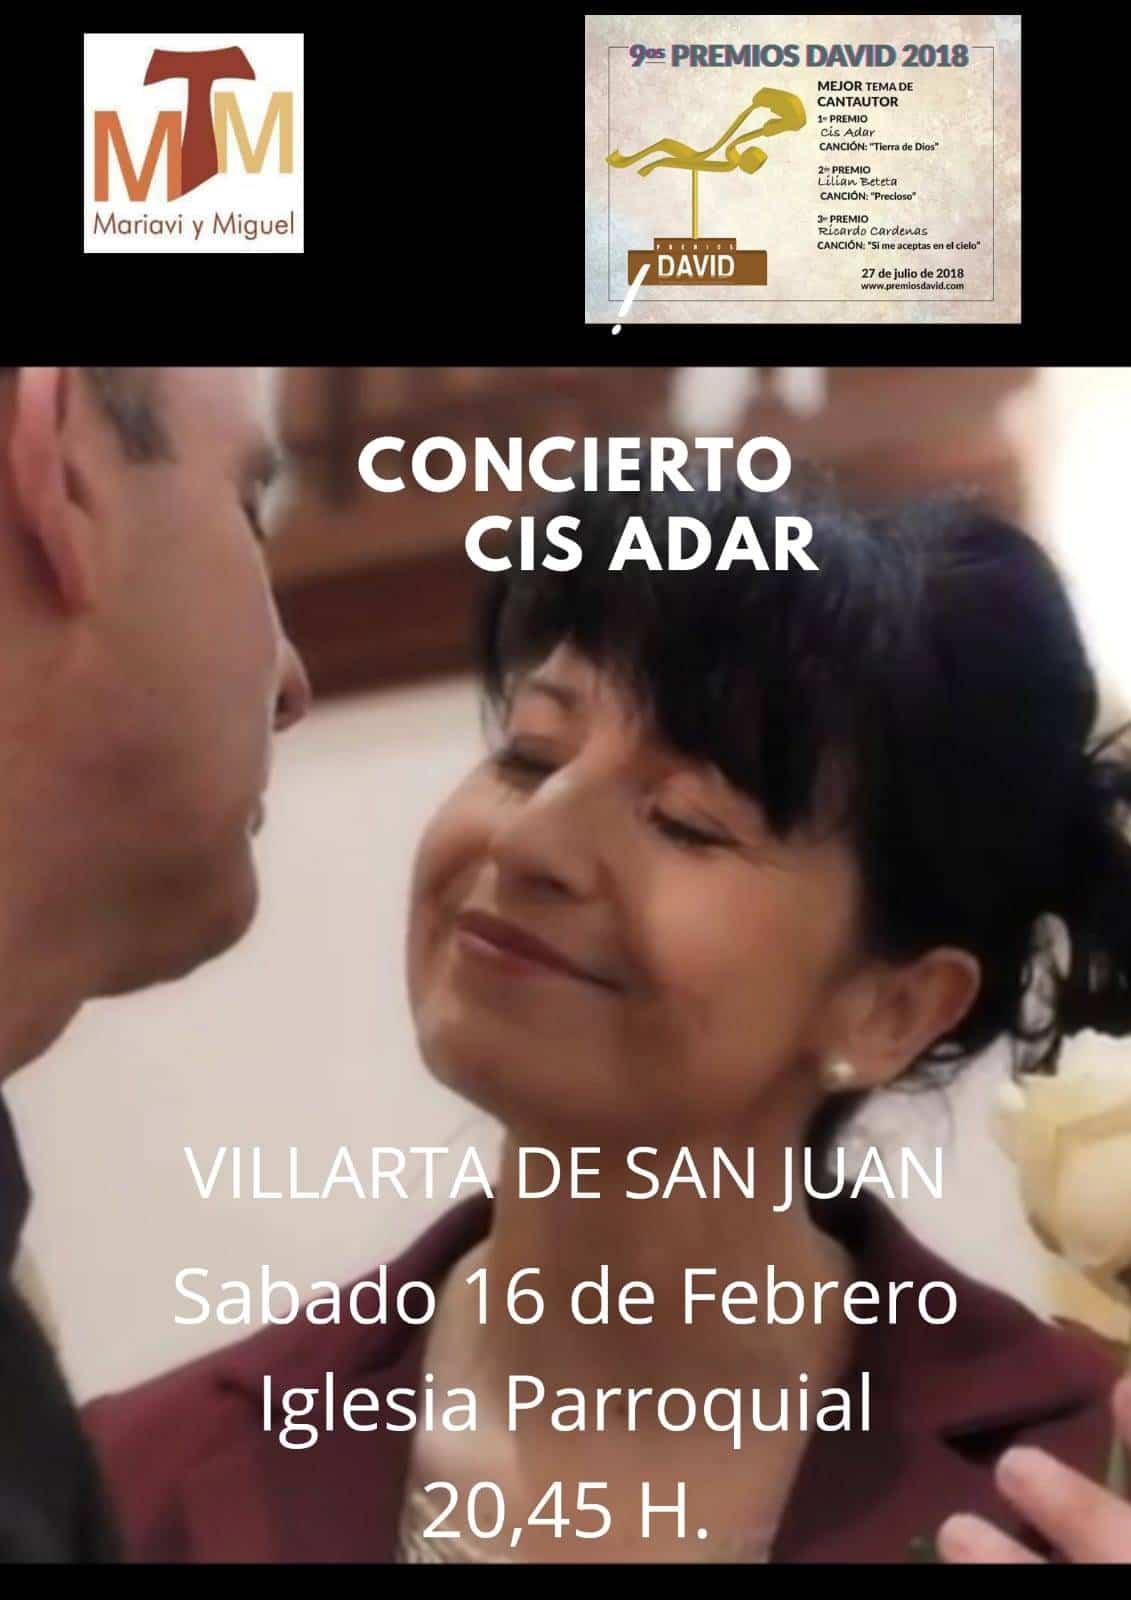 Miguel y Mariavi ofrecerán un recital de su último disco en Villarta de San Juan 5